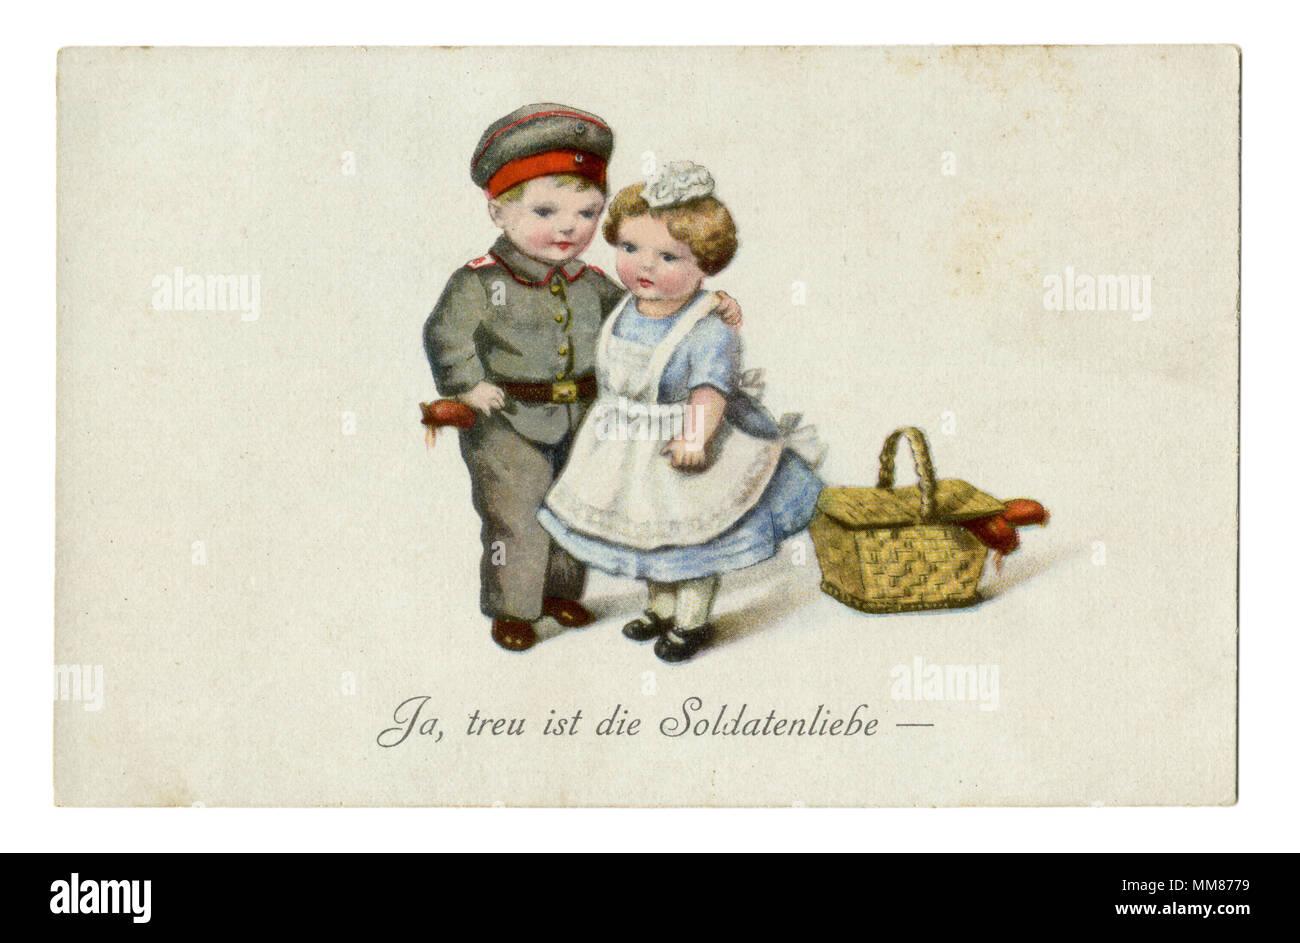 """Postal: militar alemana antigua serie humorística de niños como adultos """"Sí, fiel a la vida del soldado."""" La I Guerra Mundial, 1914-1918, Alemania Foto de stock"""